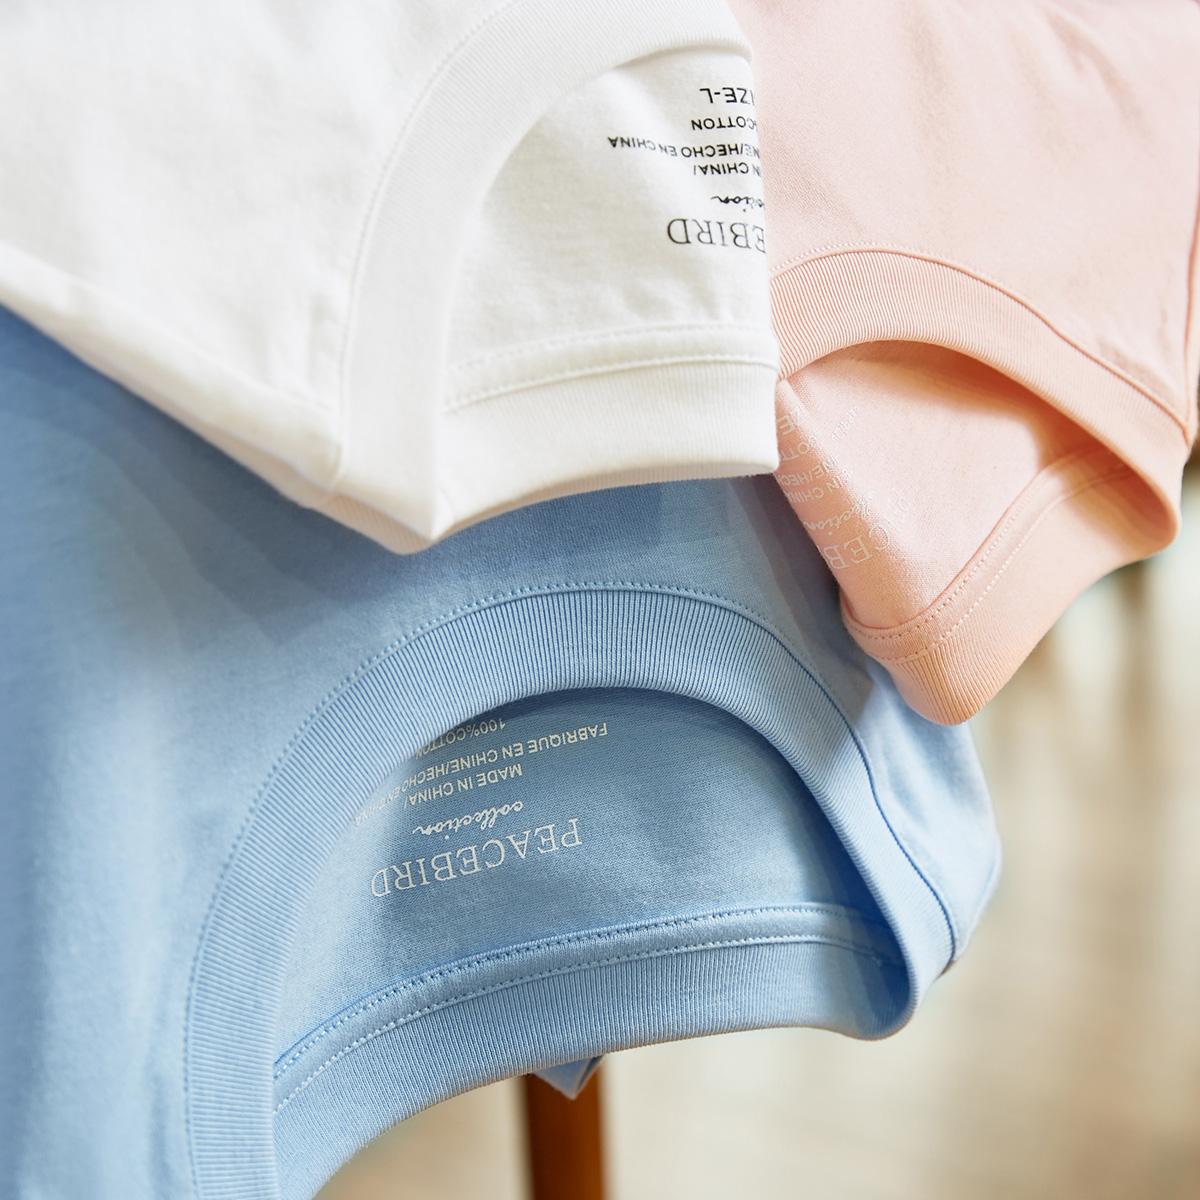 太平鸟男装夏超火cec短袖男夏装纯白色弹力圆领T恤修身打底衫半袖